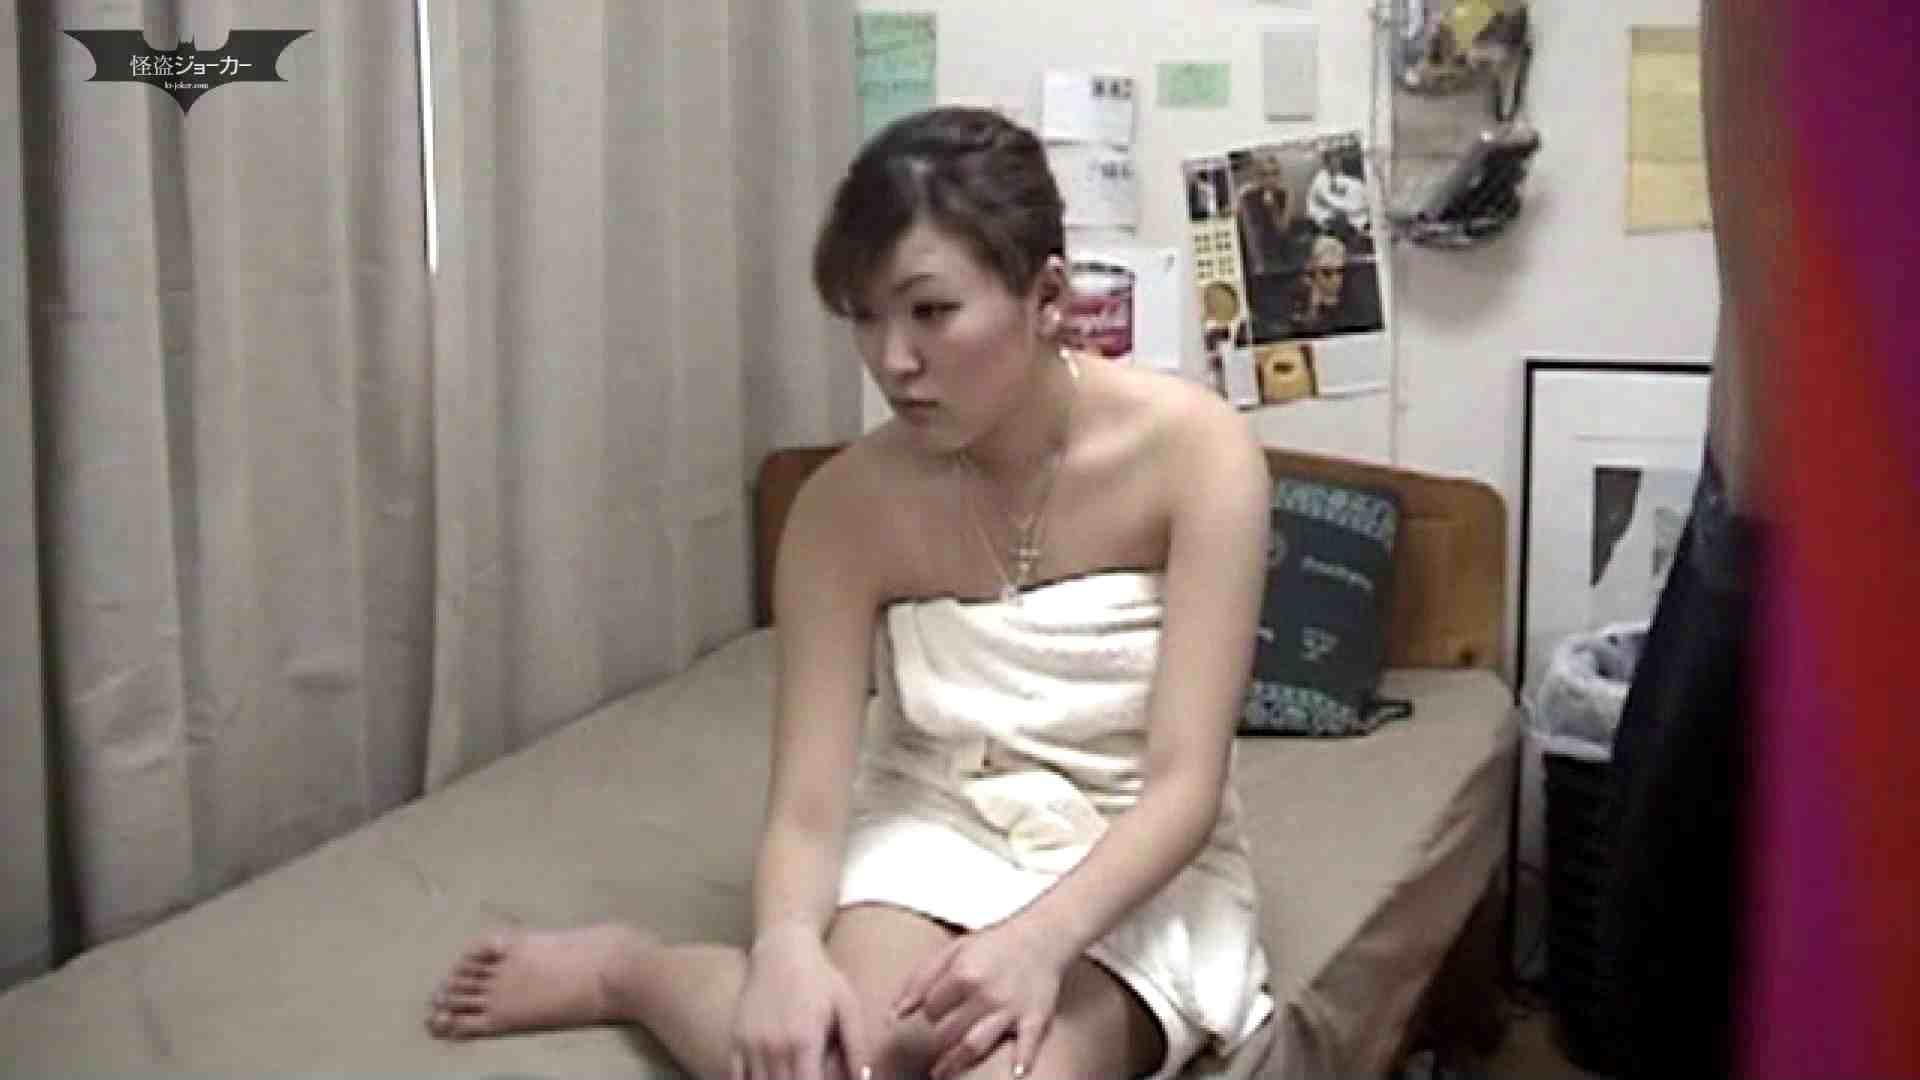 素人女良を部屋に連れ込み隠し撮りSEX!! その⑪ 潮吹き娘 りん 潮吹き  109PIX 39